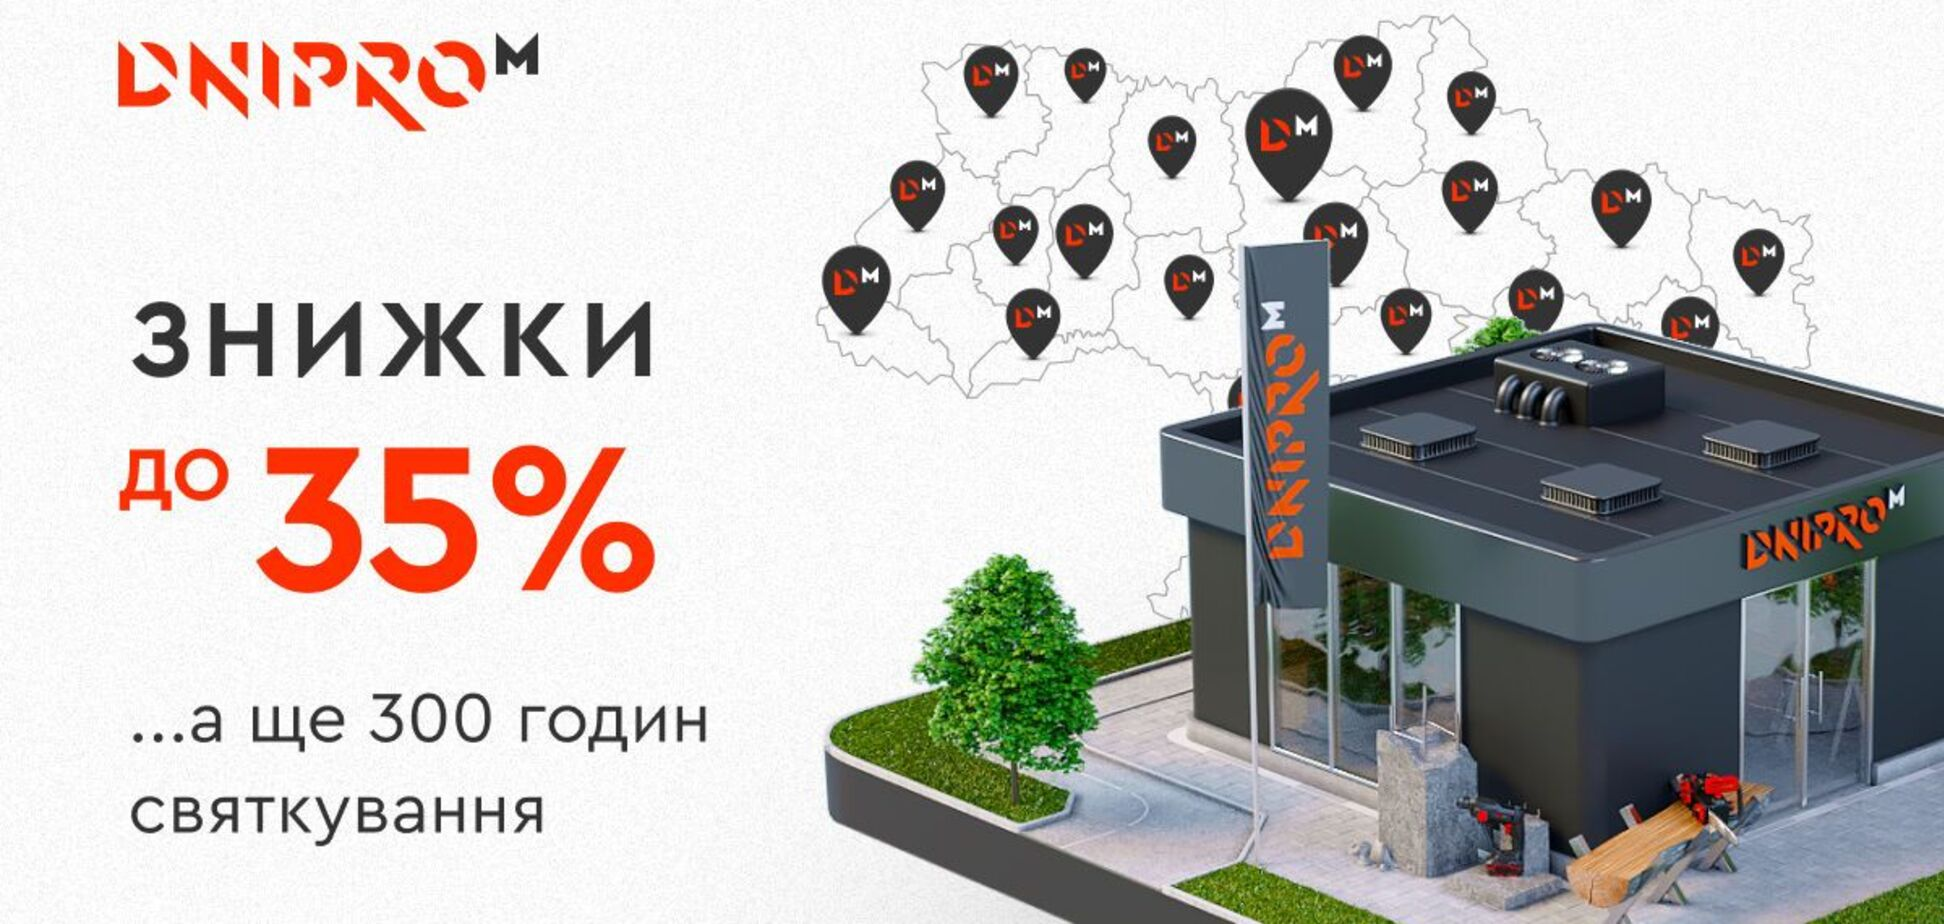 Инструменты на 35% дешевле: Dnipro-M объявили щедрую акцию